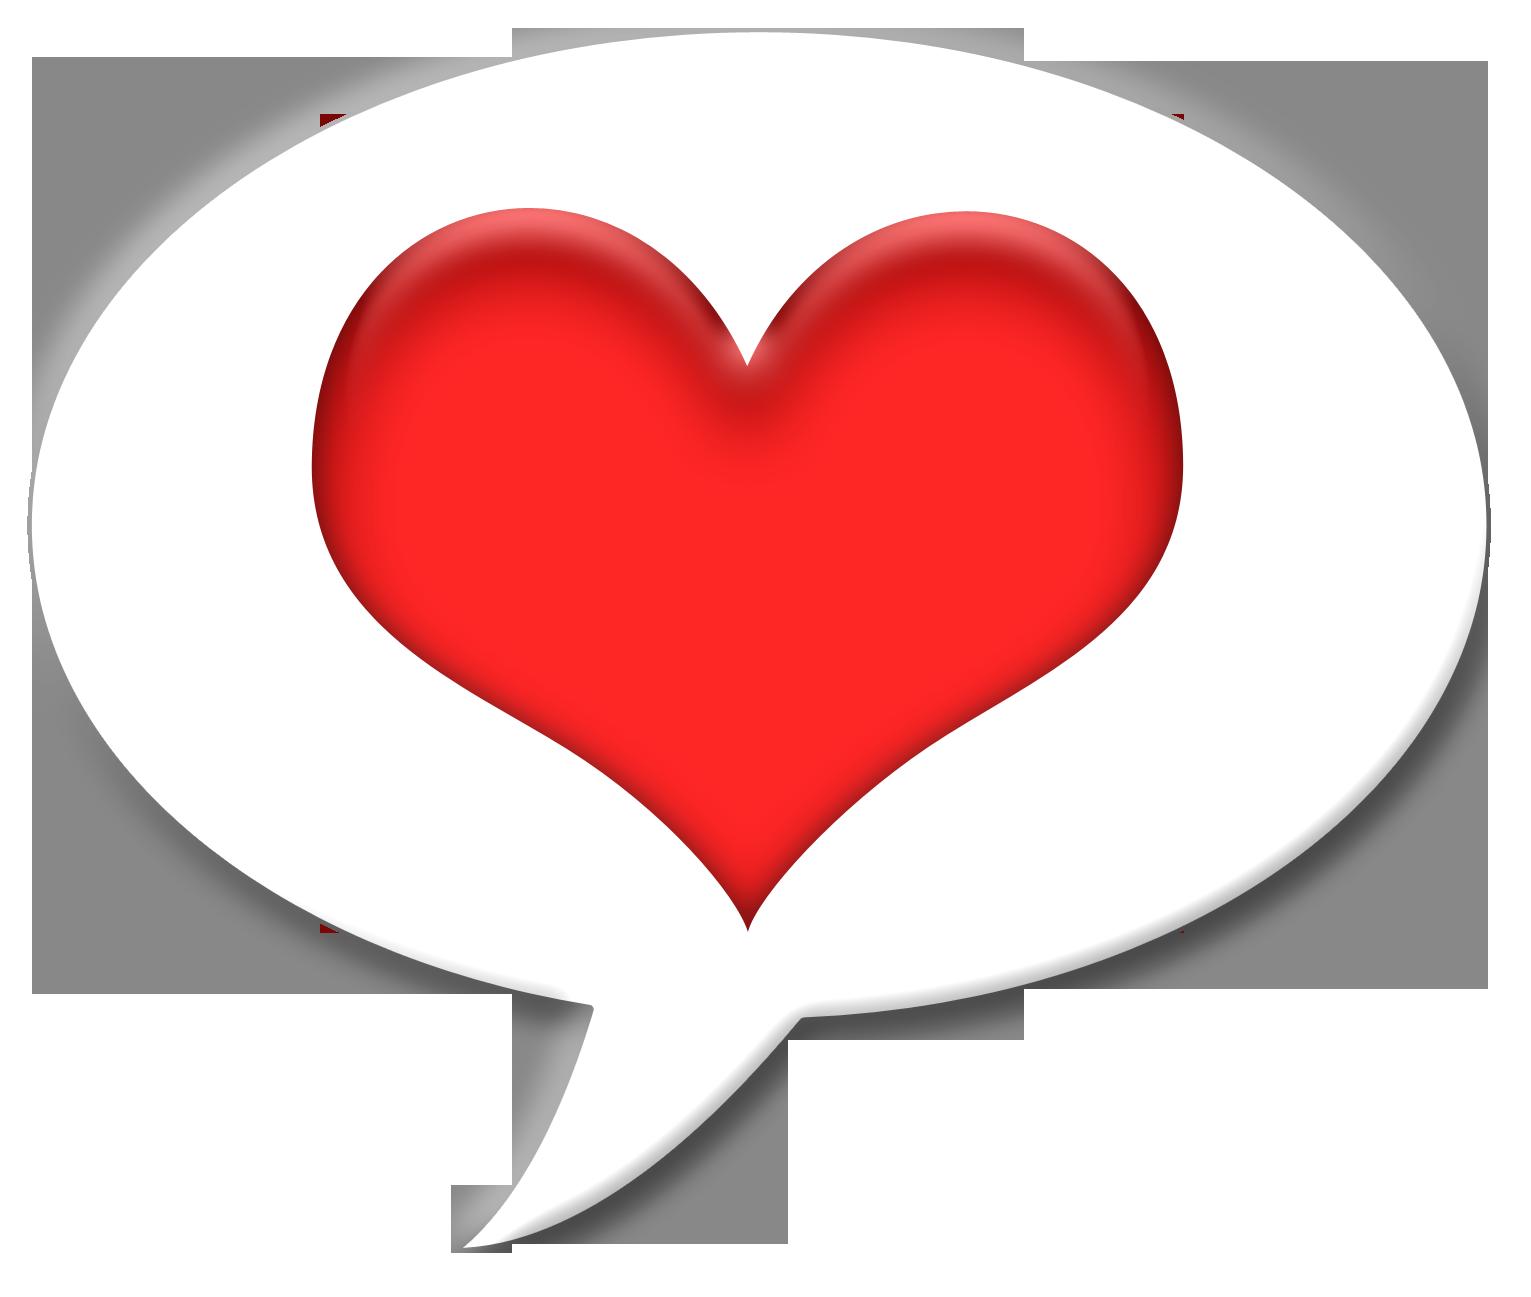 Рисунок сердечка на белом фоне